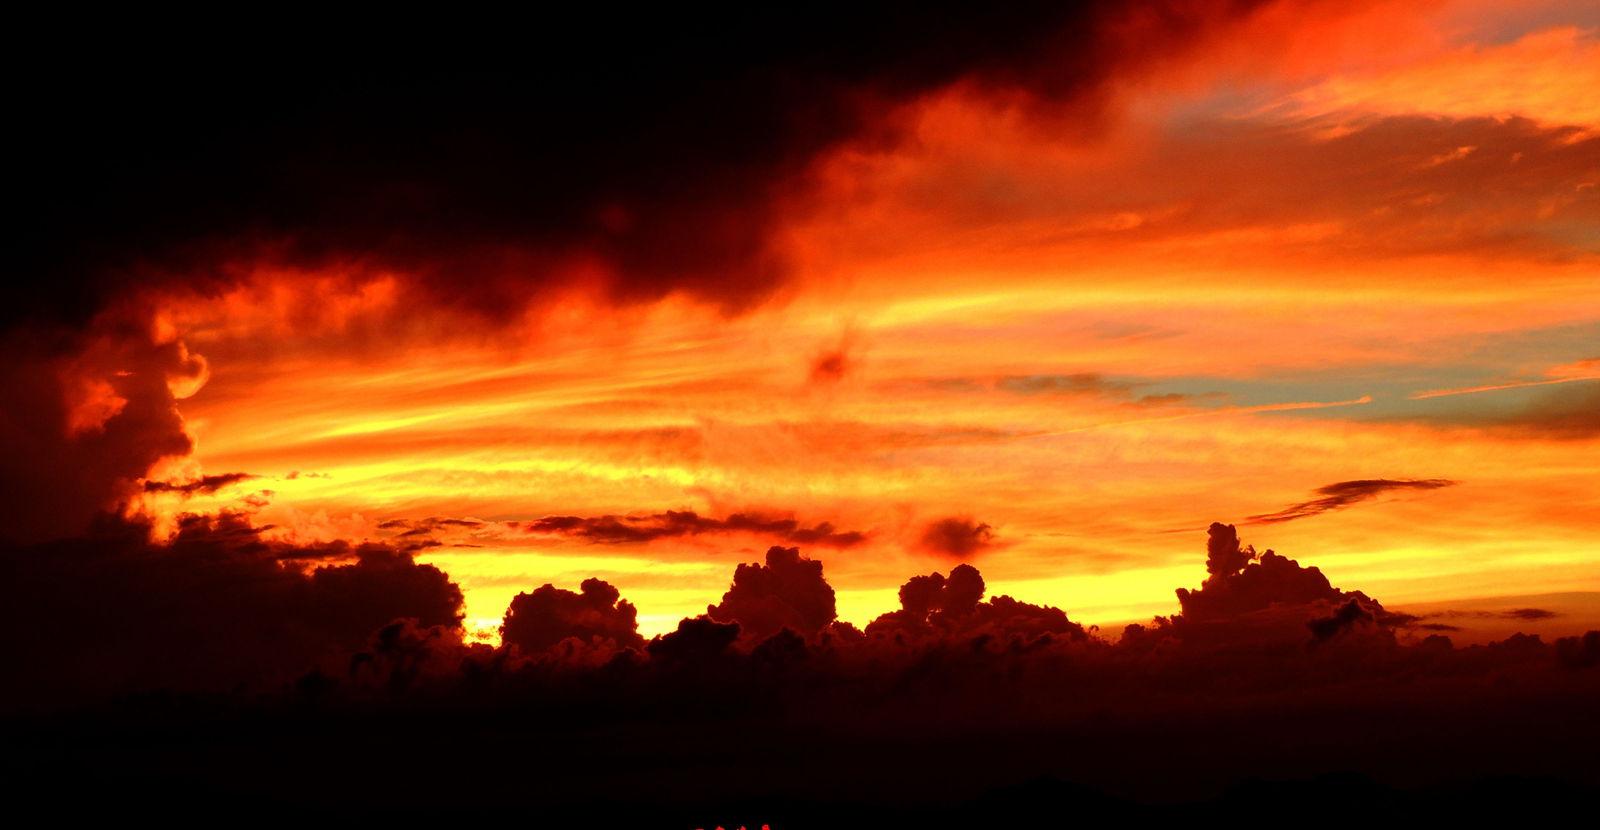 背景 壁纸 风景 火灾 天空 桌面 1600_830